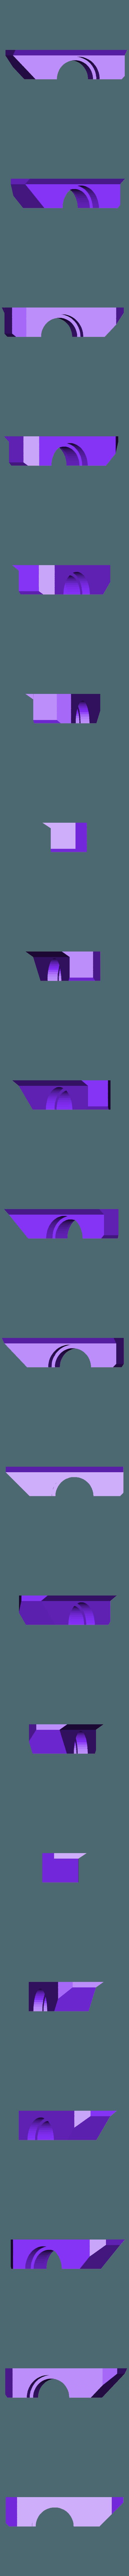 Printrbot_Multi_E3D_Mid.stl Télécharger fichier STL gratuit Printrbot Multi • Objet à imprimer en 3D, rushmere3d